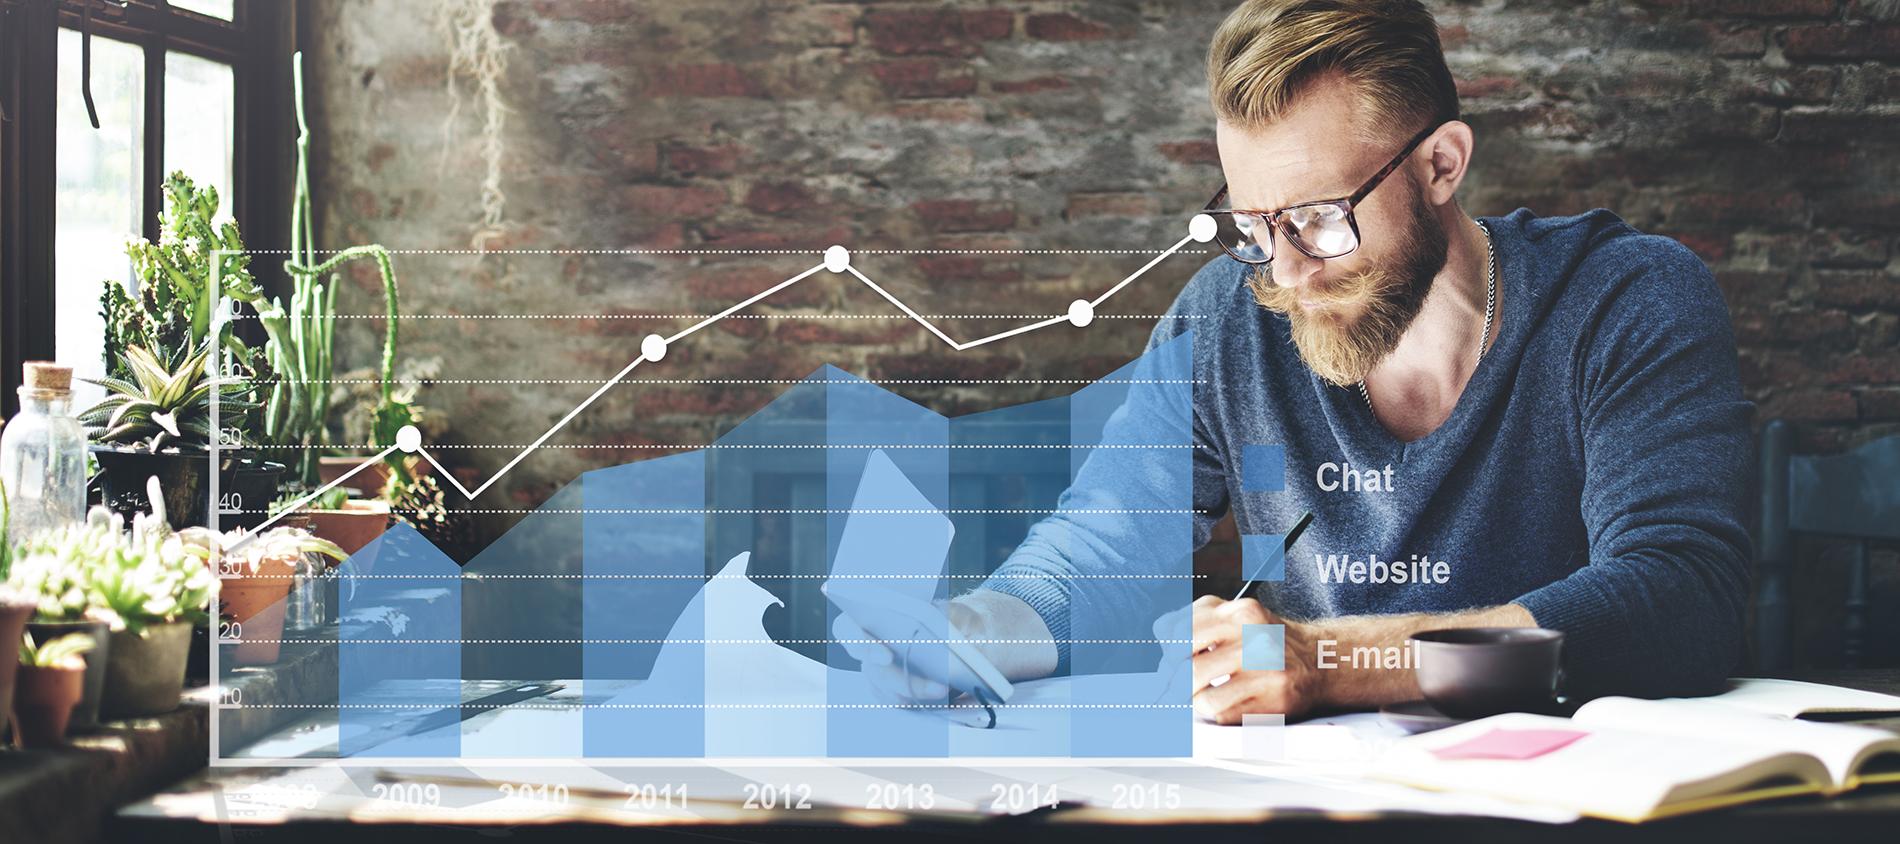 Lo imprescindible de un buen posicionamiento web para tu negocio online